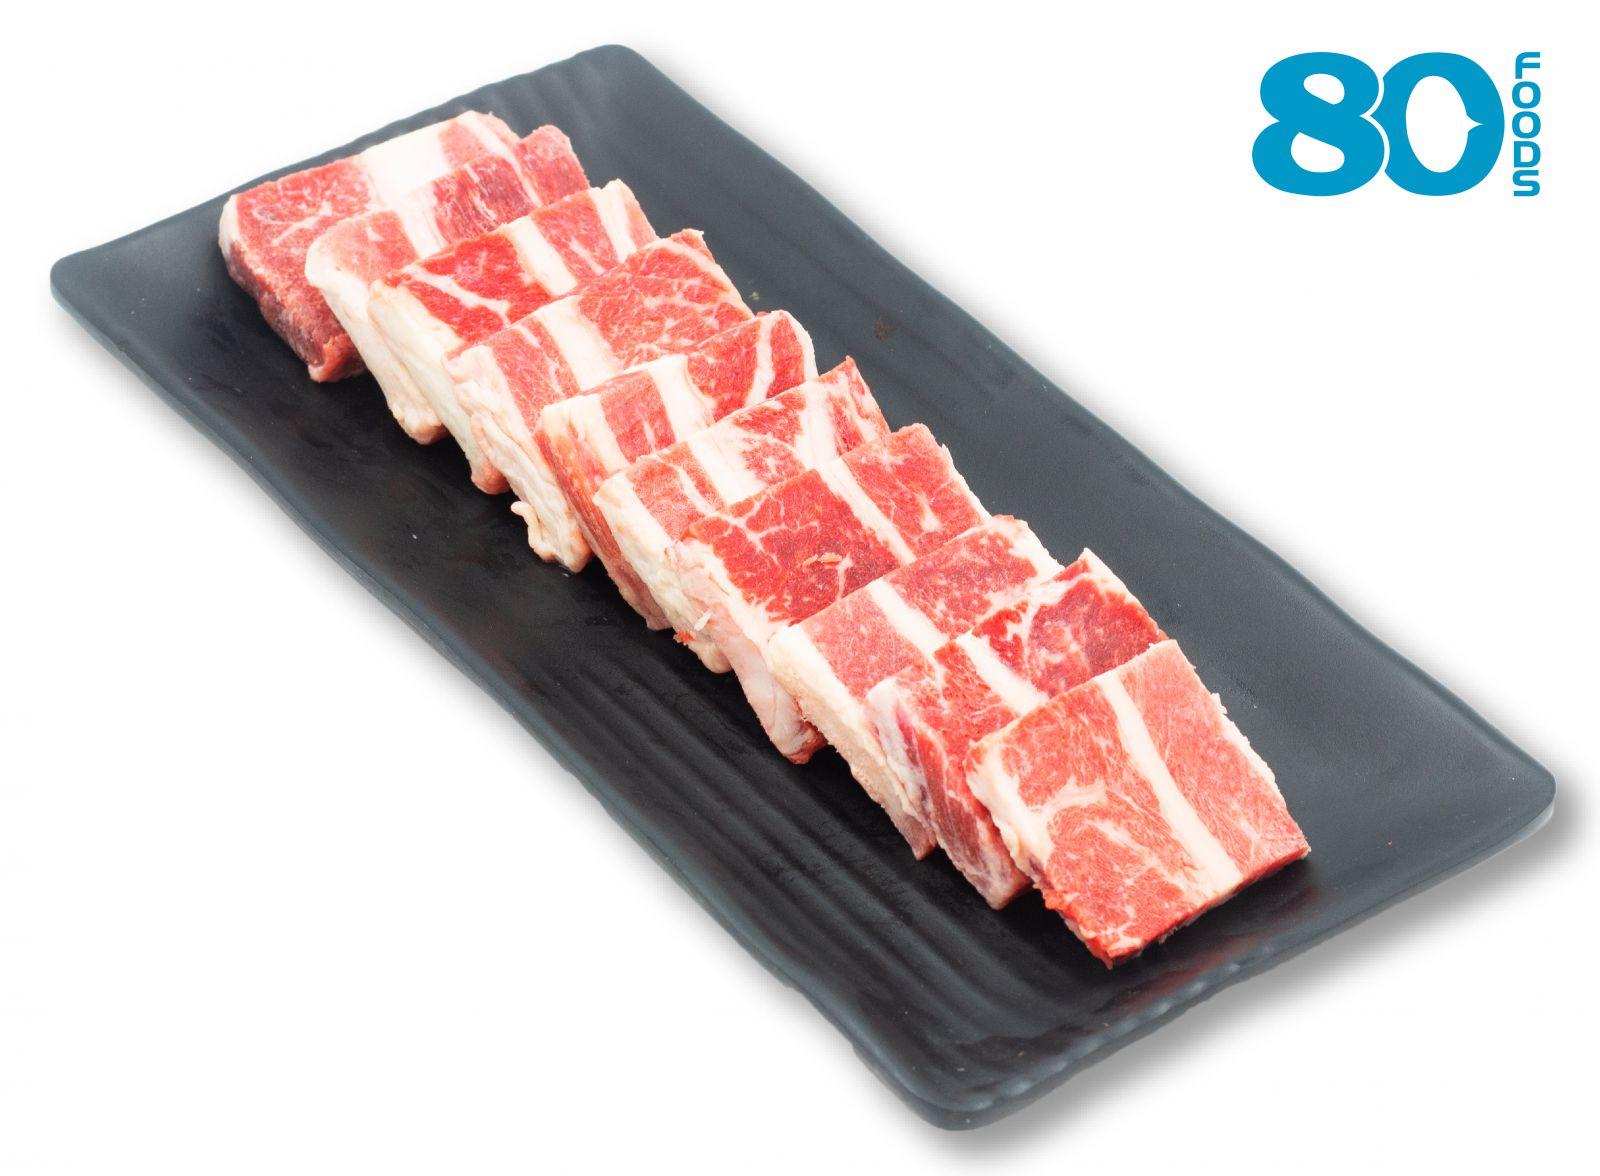 Ba chỉ bò Mỹ cắt nướng (300gram)